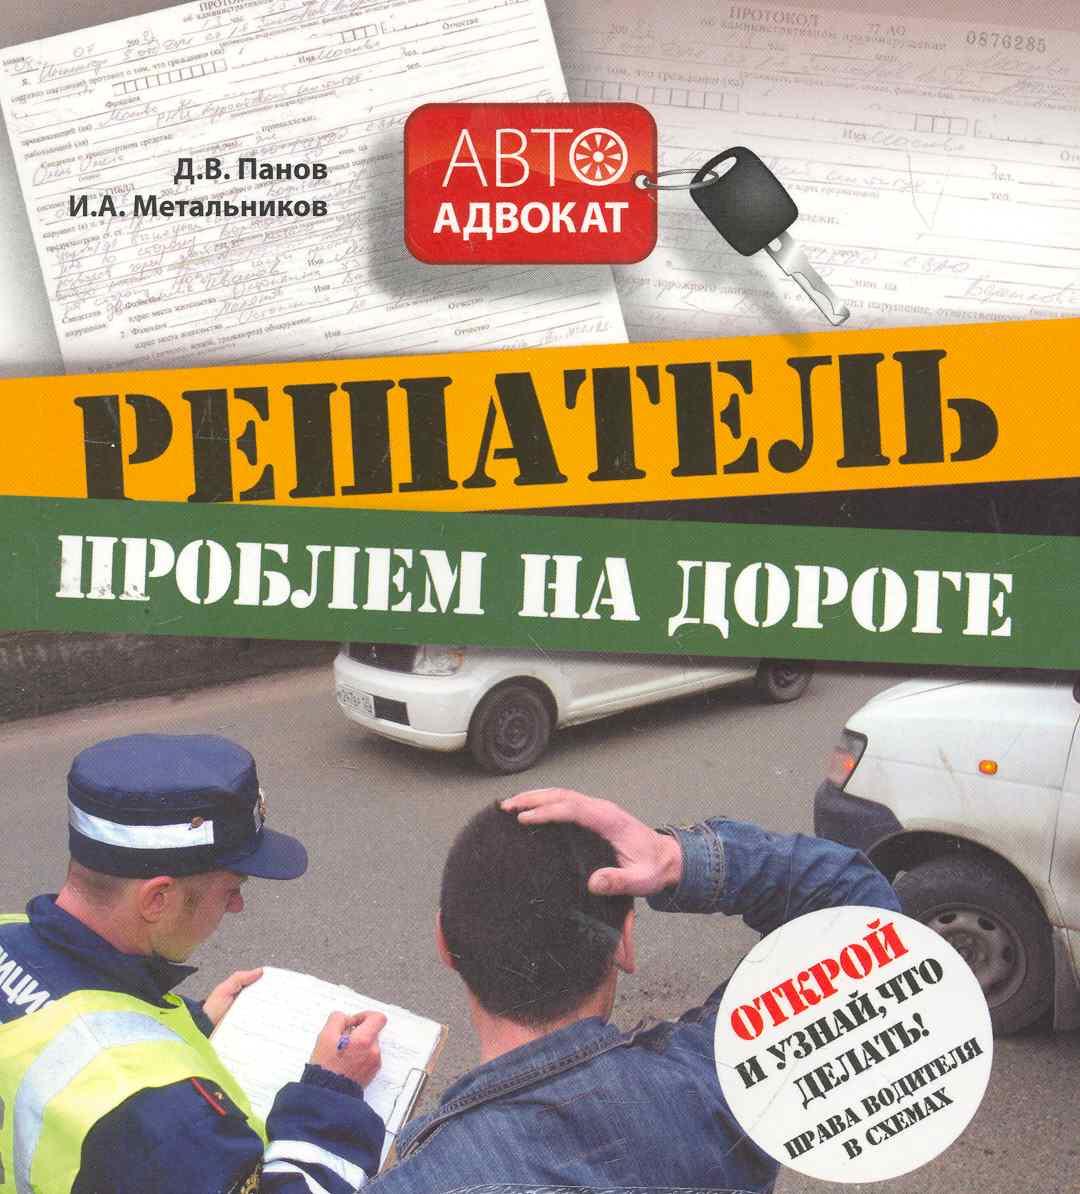 Панов Д. Решатель проблем на дороге